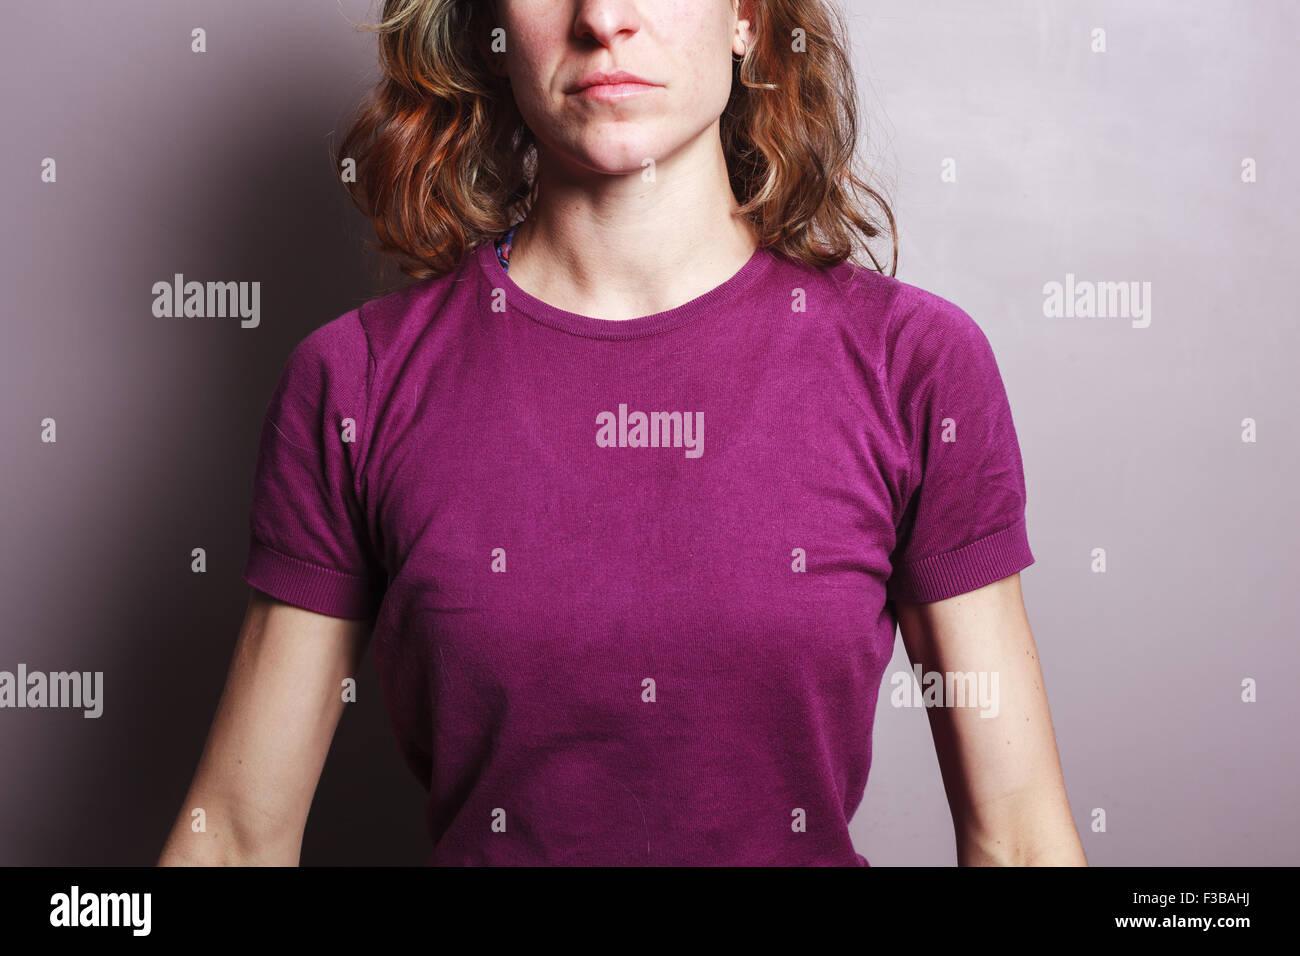 Una giovane donna che indossa un top viola Immagini Stock